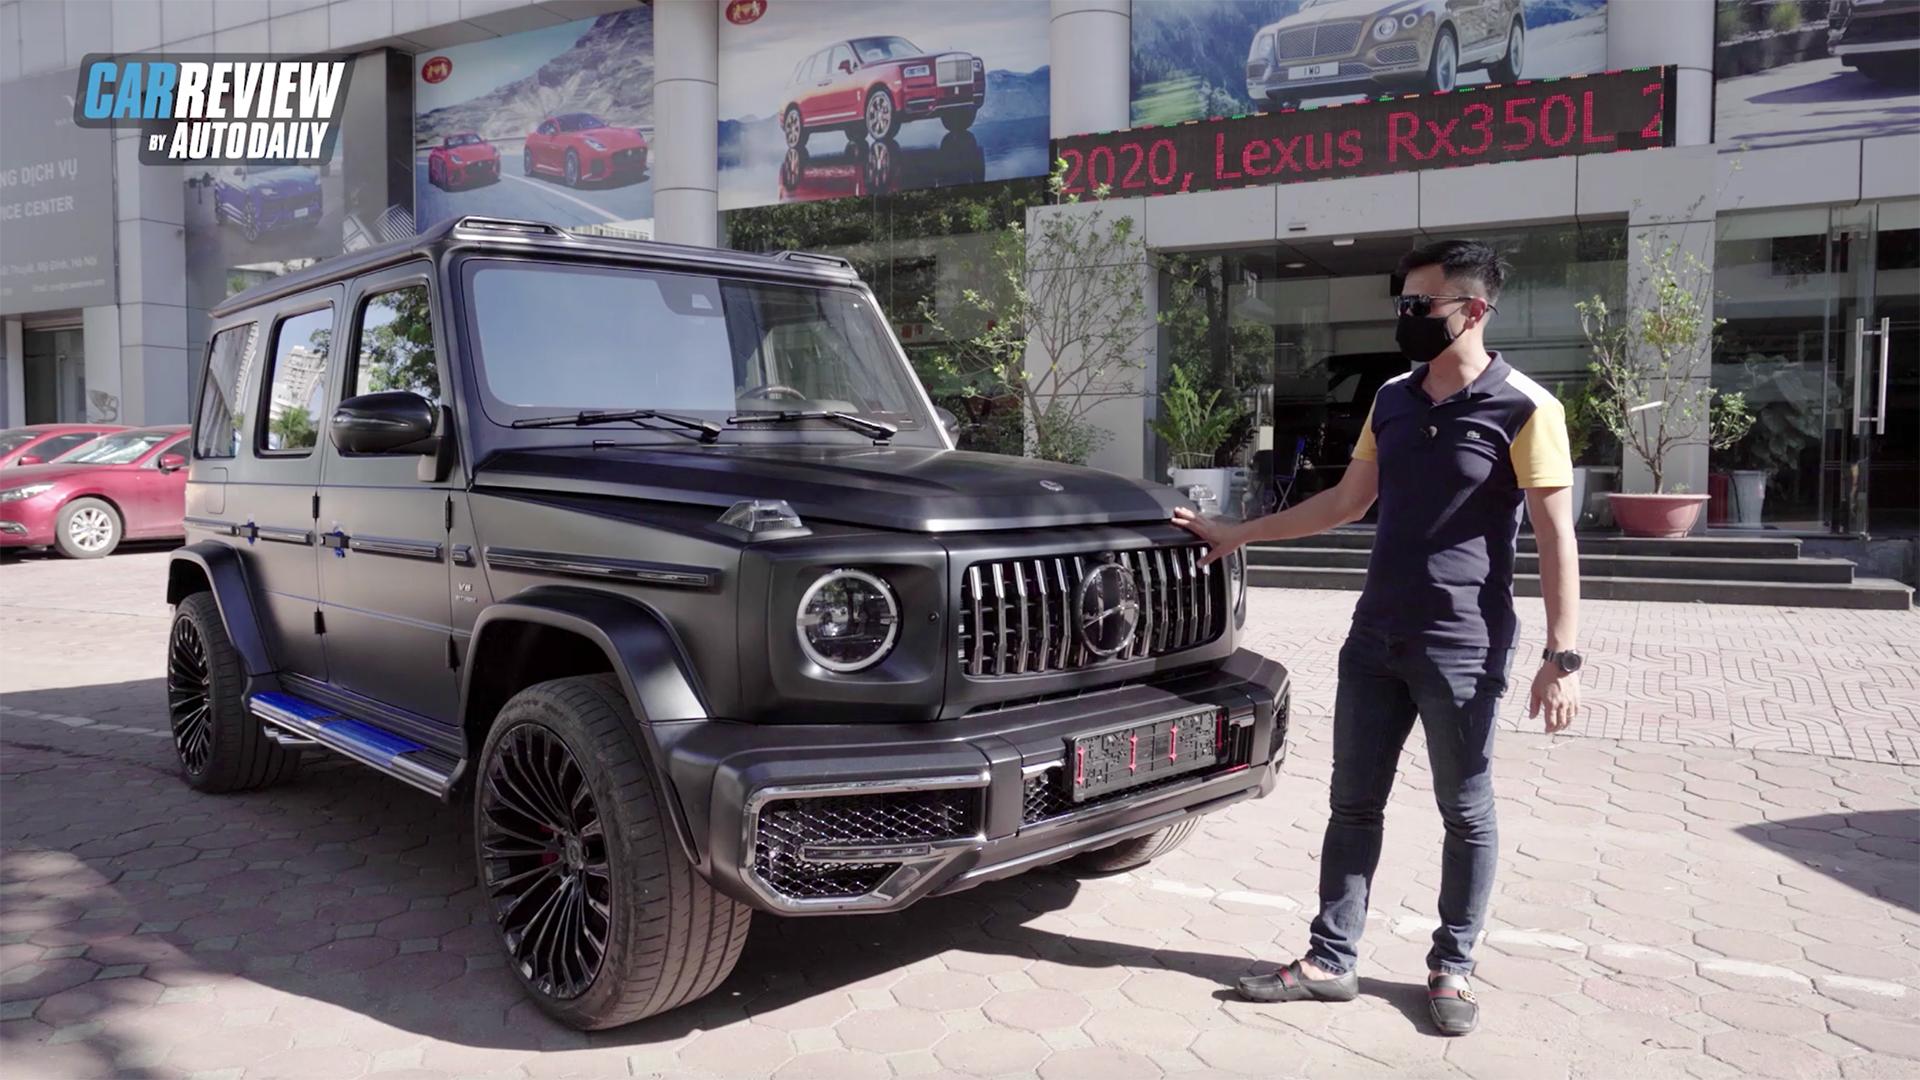 Chi tiết Mercedes G63 AMG - Vì sao các idol giới trẻ Sơn Tùng MTP, Tuấn Hưng mua dùng?